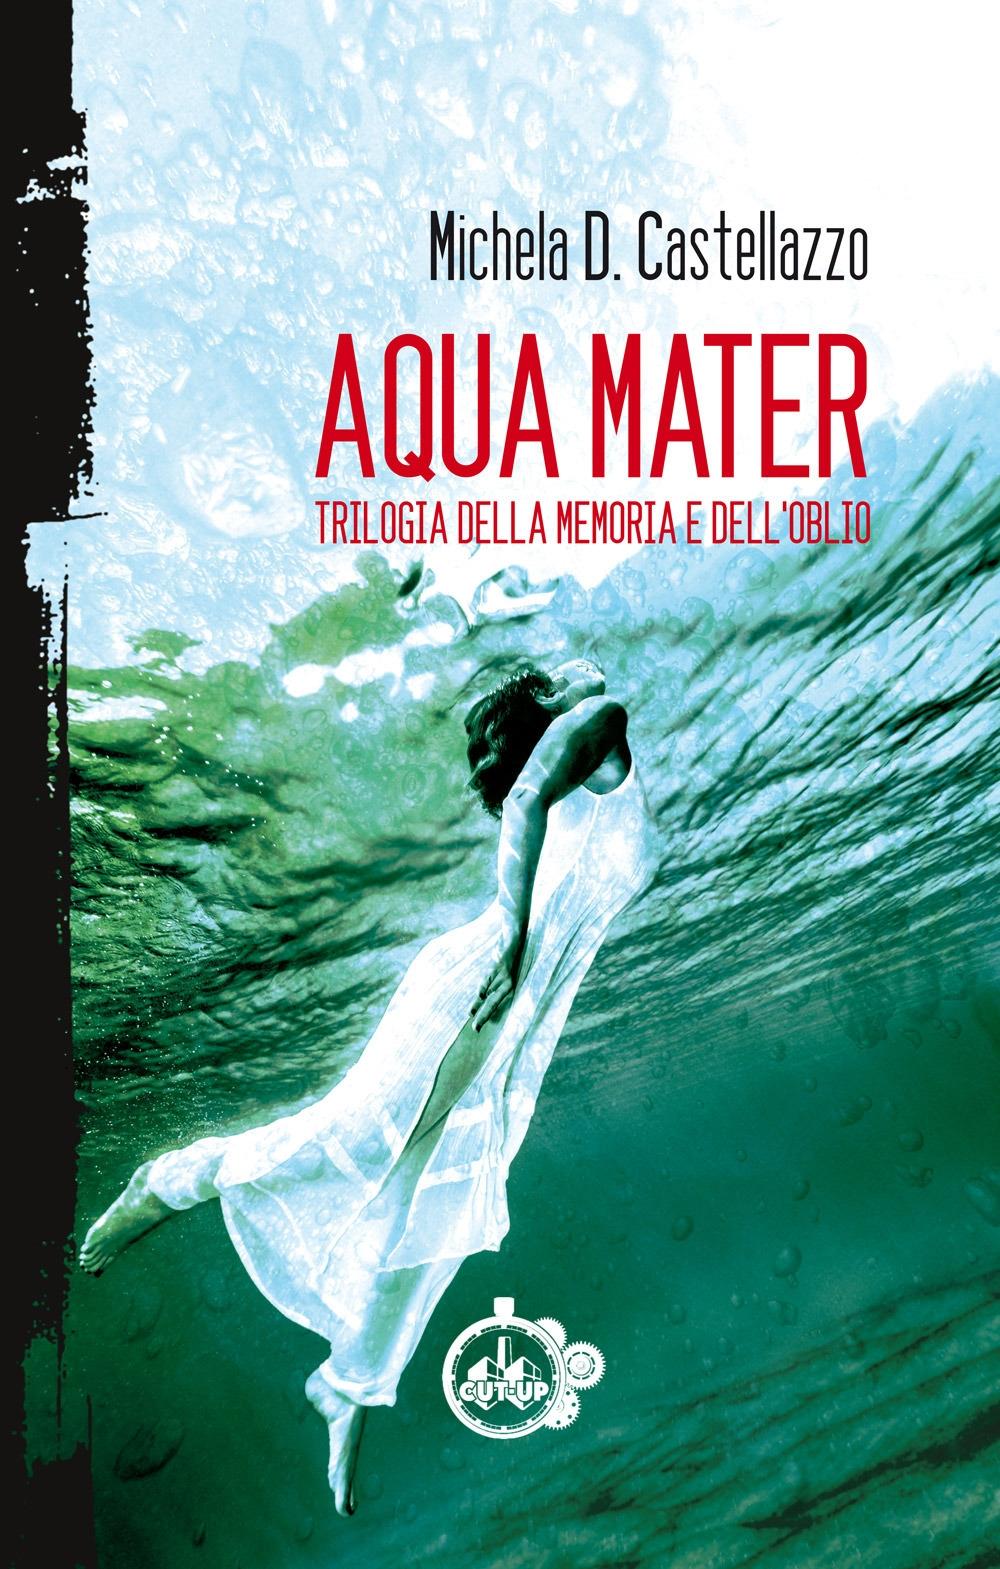 Aqua Mater